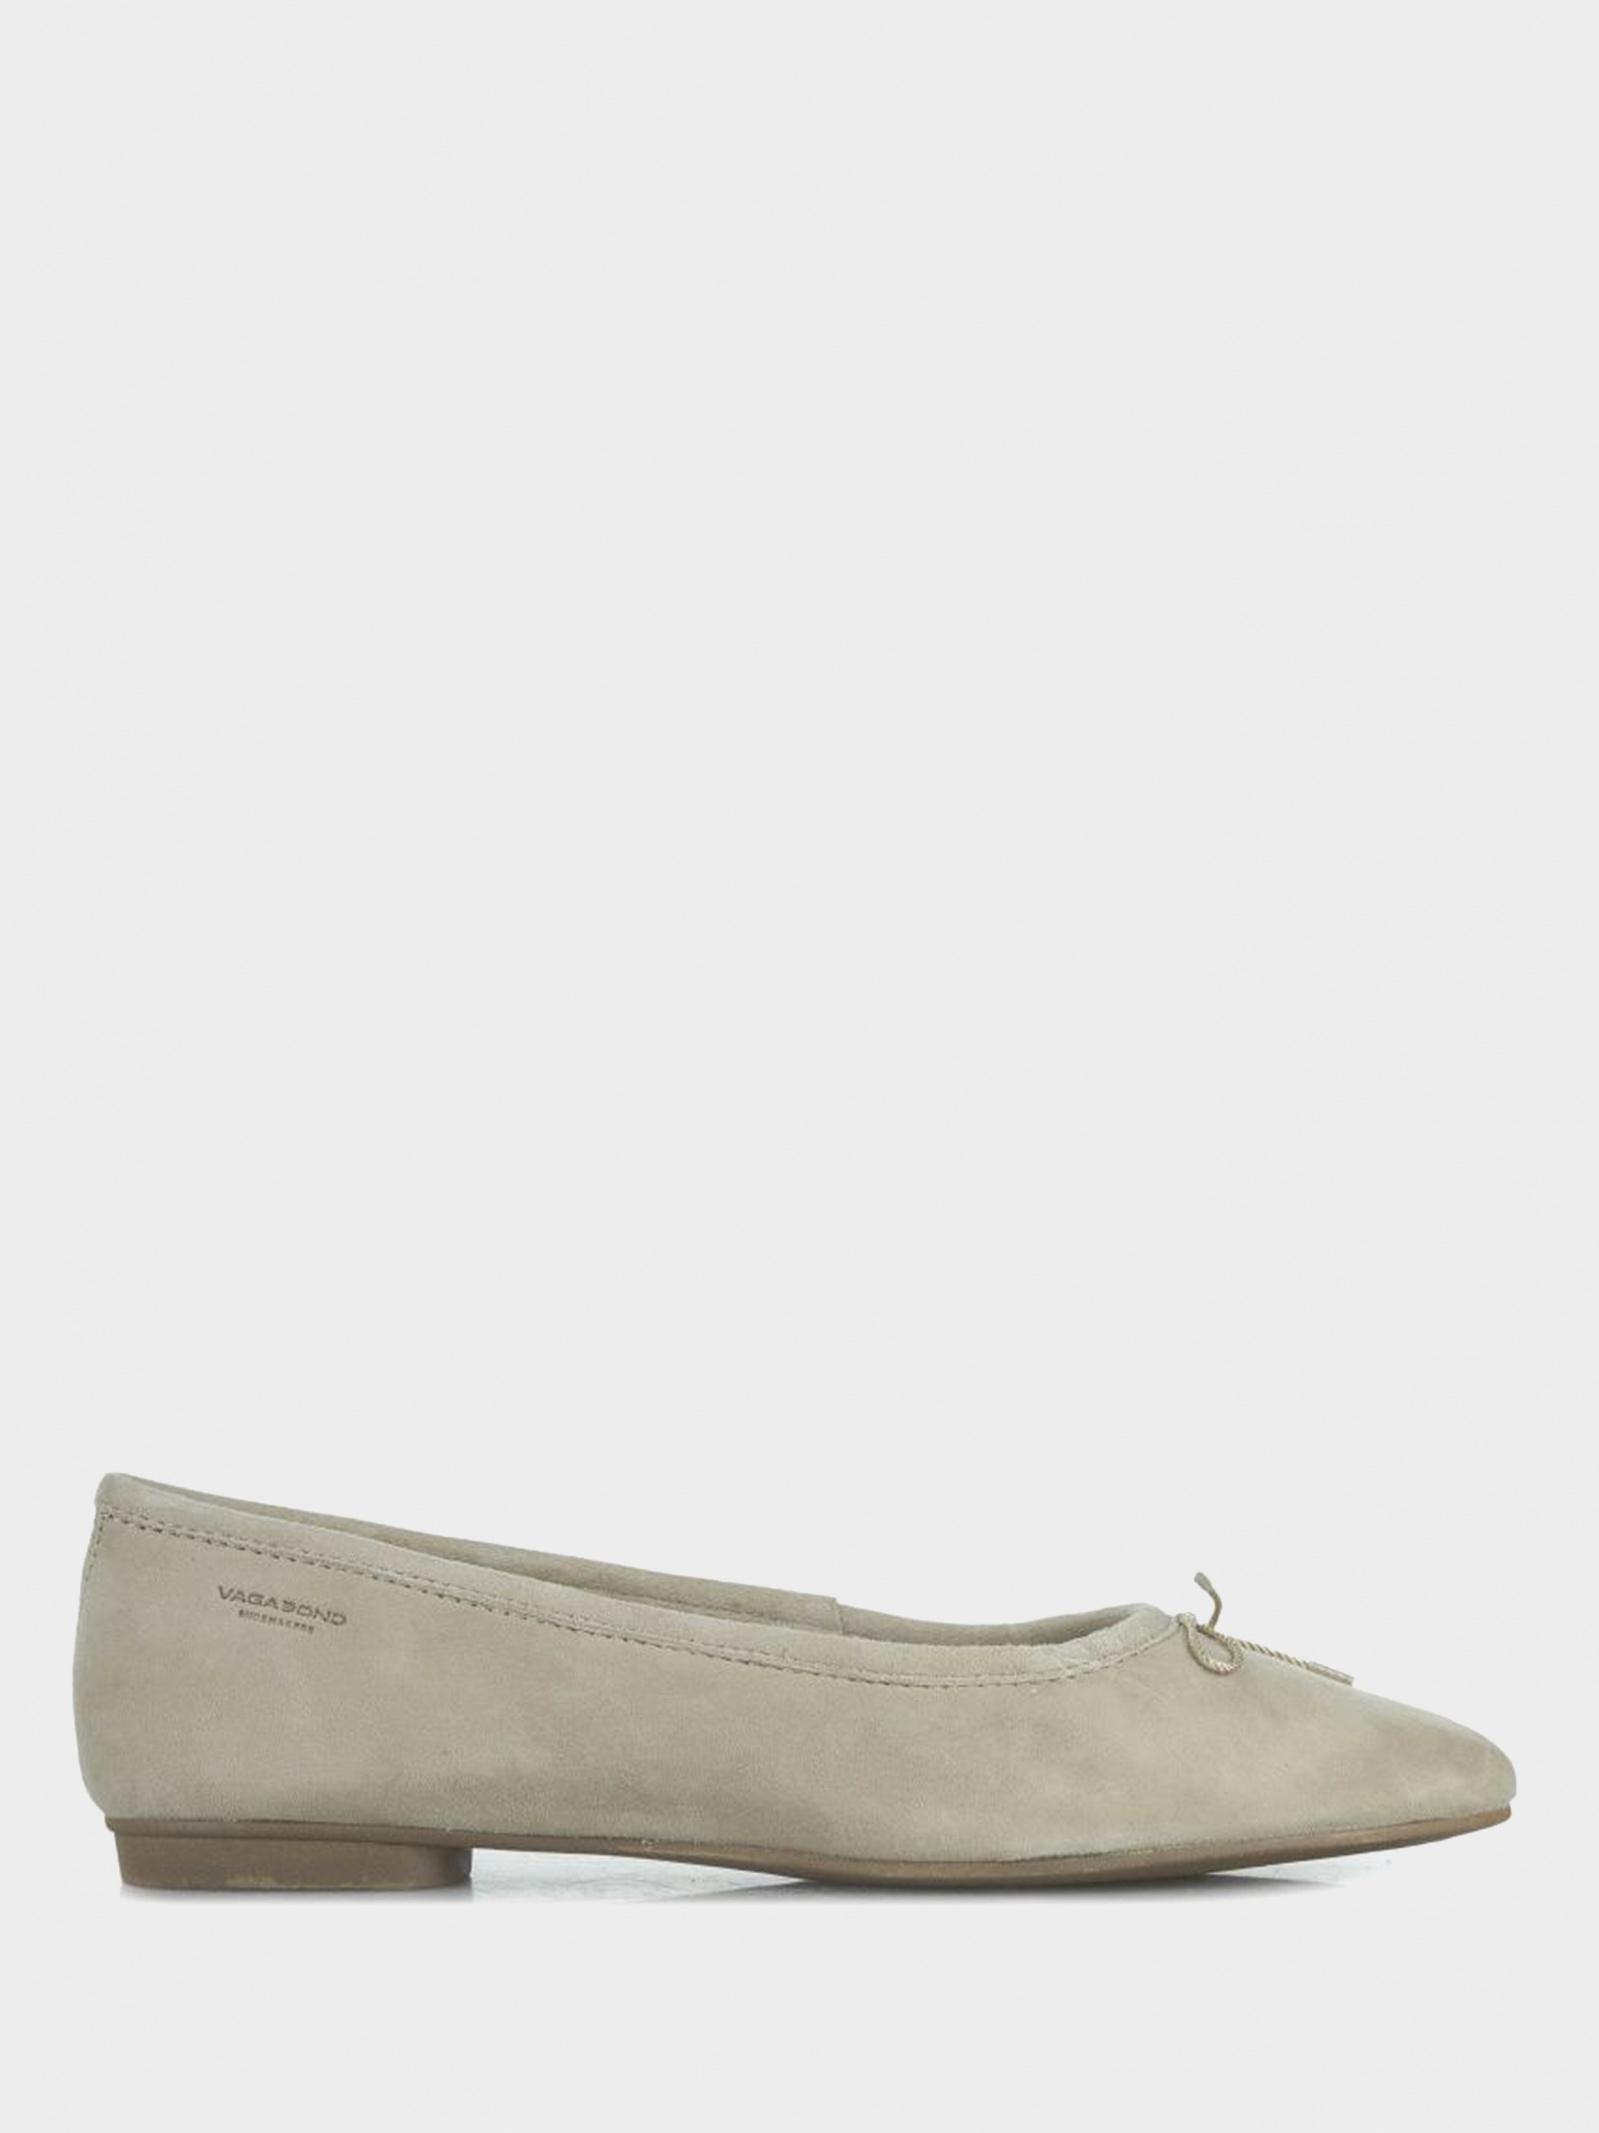 Балетки  жіночі VAGABOND SANDY 4703-040-07 розміри взуття, 2017